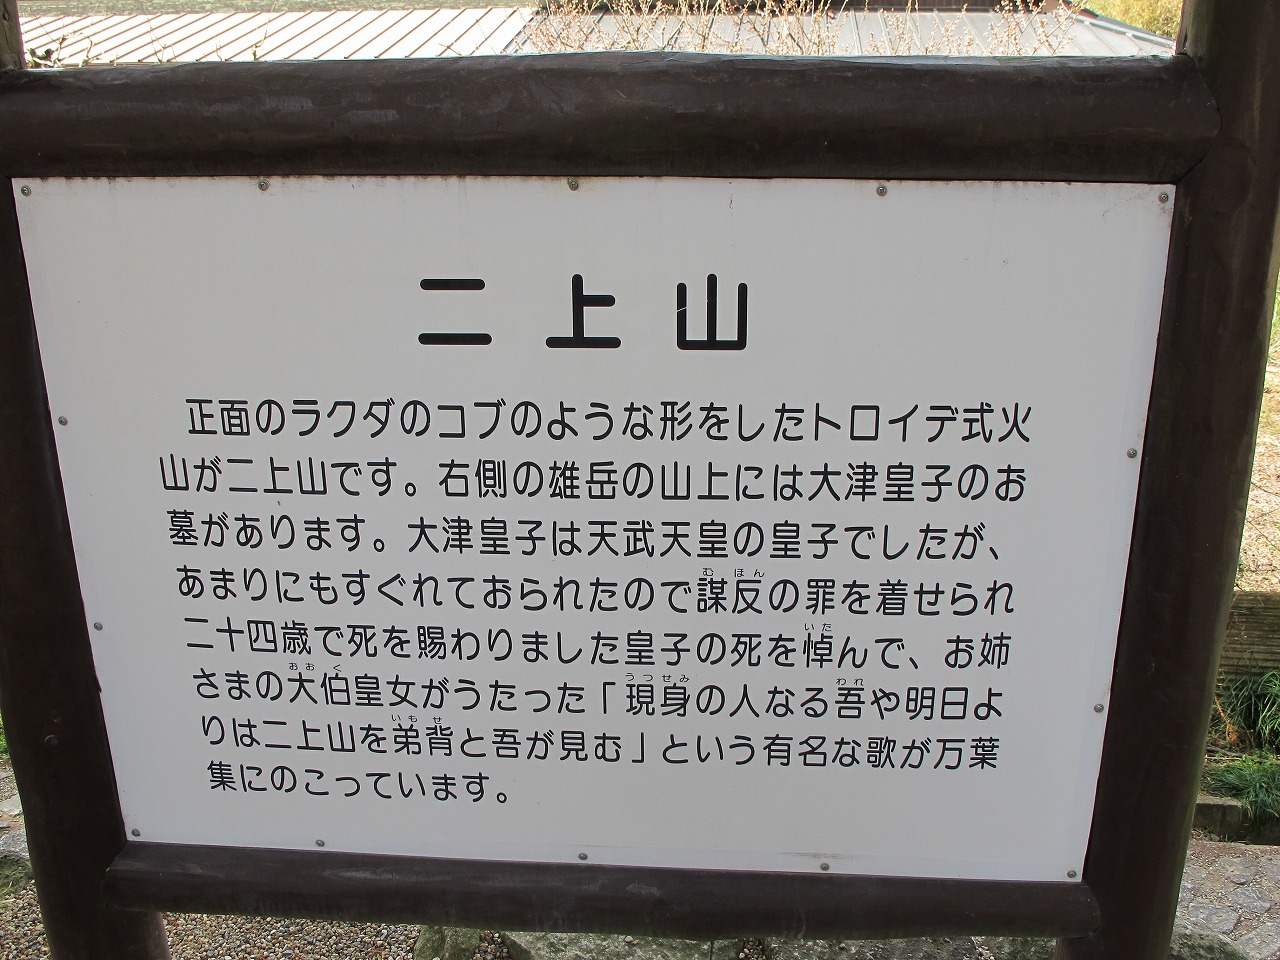 檜原神社桧原神社ひばらじんじゃ